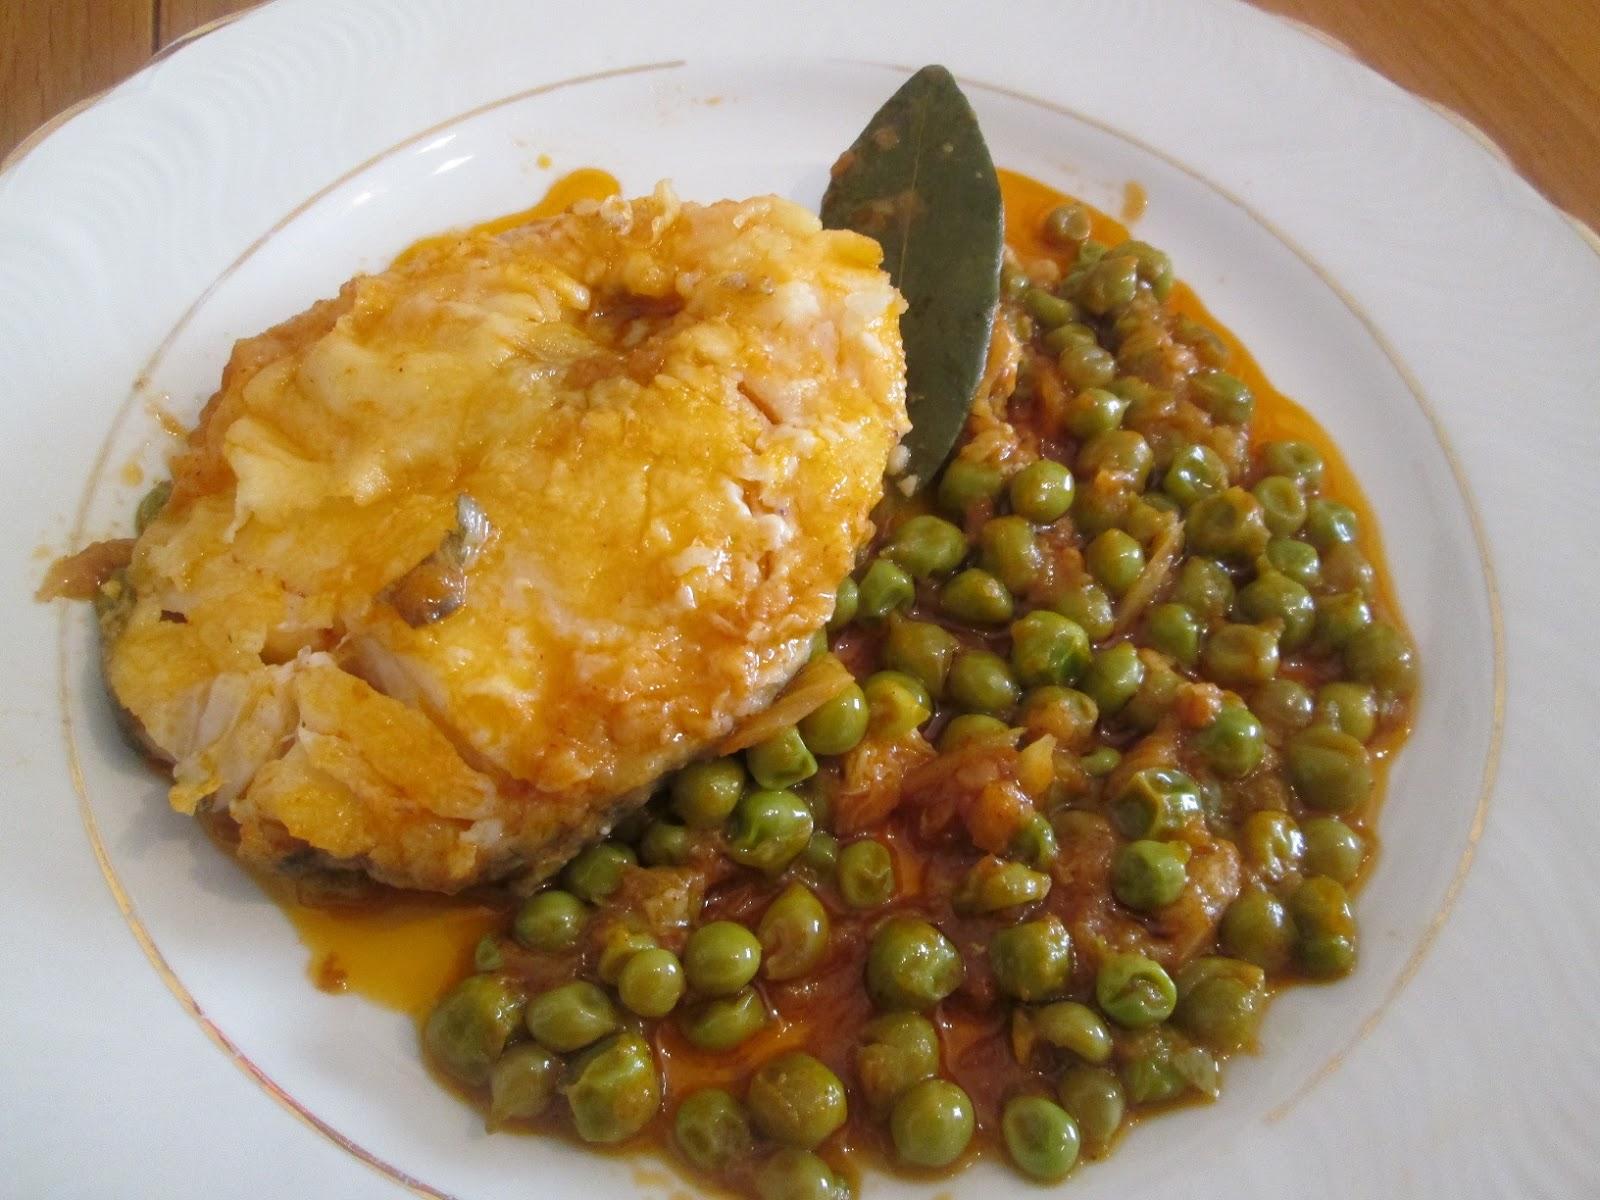 Cocinar no es dif cil pru balo bacalao con guisantes for Cocinar guisantes frescos